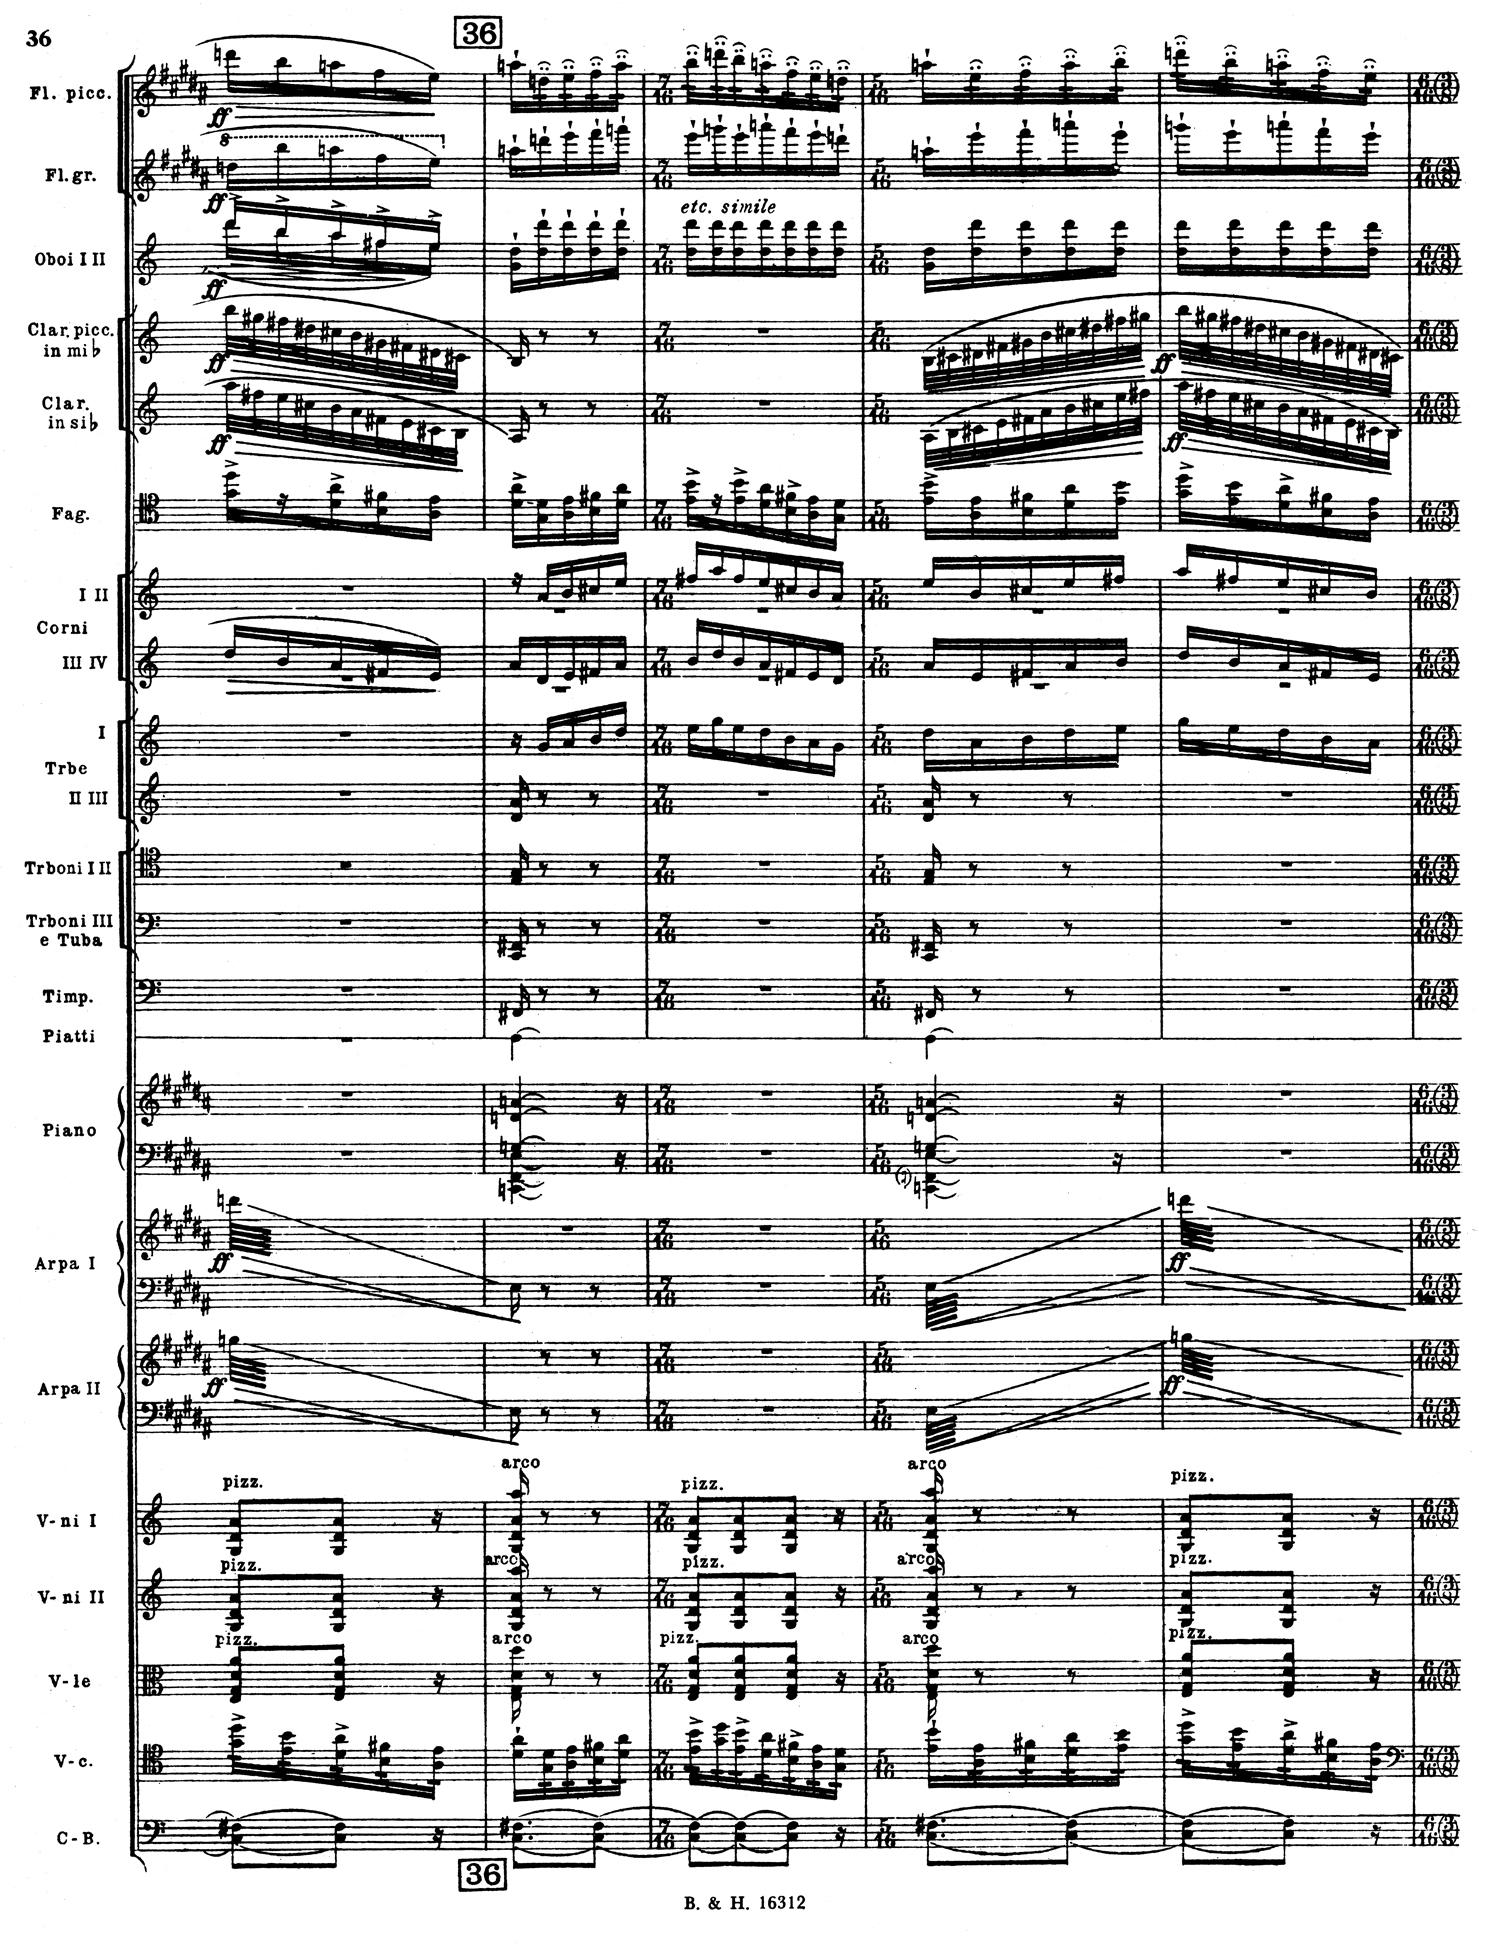 Nightingale Score 4.jpg